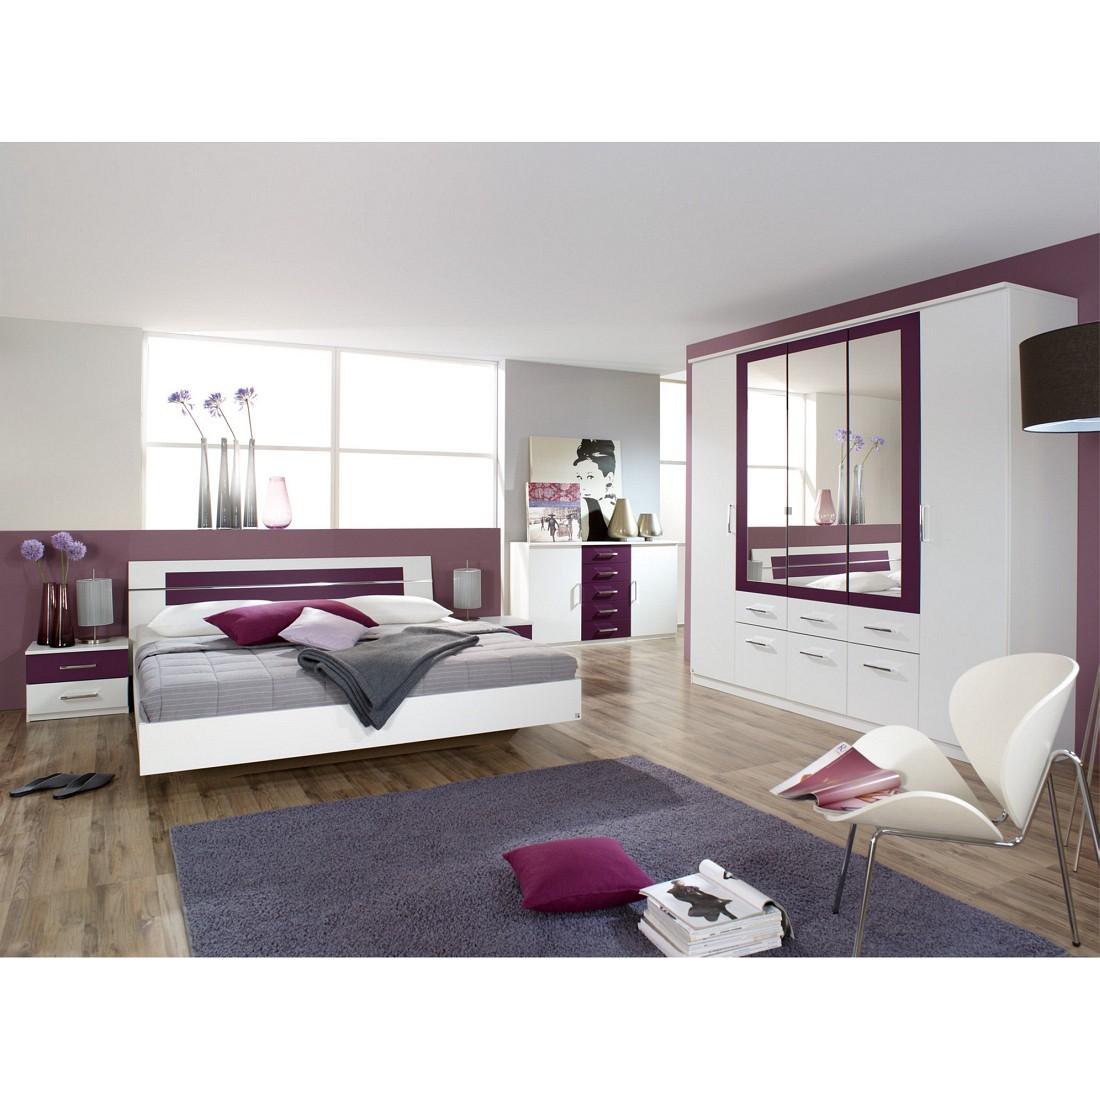 Schlafzimmer-Set Burano (4-teilig) – Alpinweiß/Brombeer – Liegefläche Bett: 160 x 200cm, Rauch Pack´s günstig bestellen